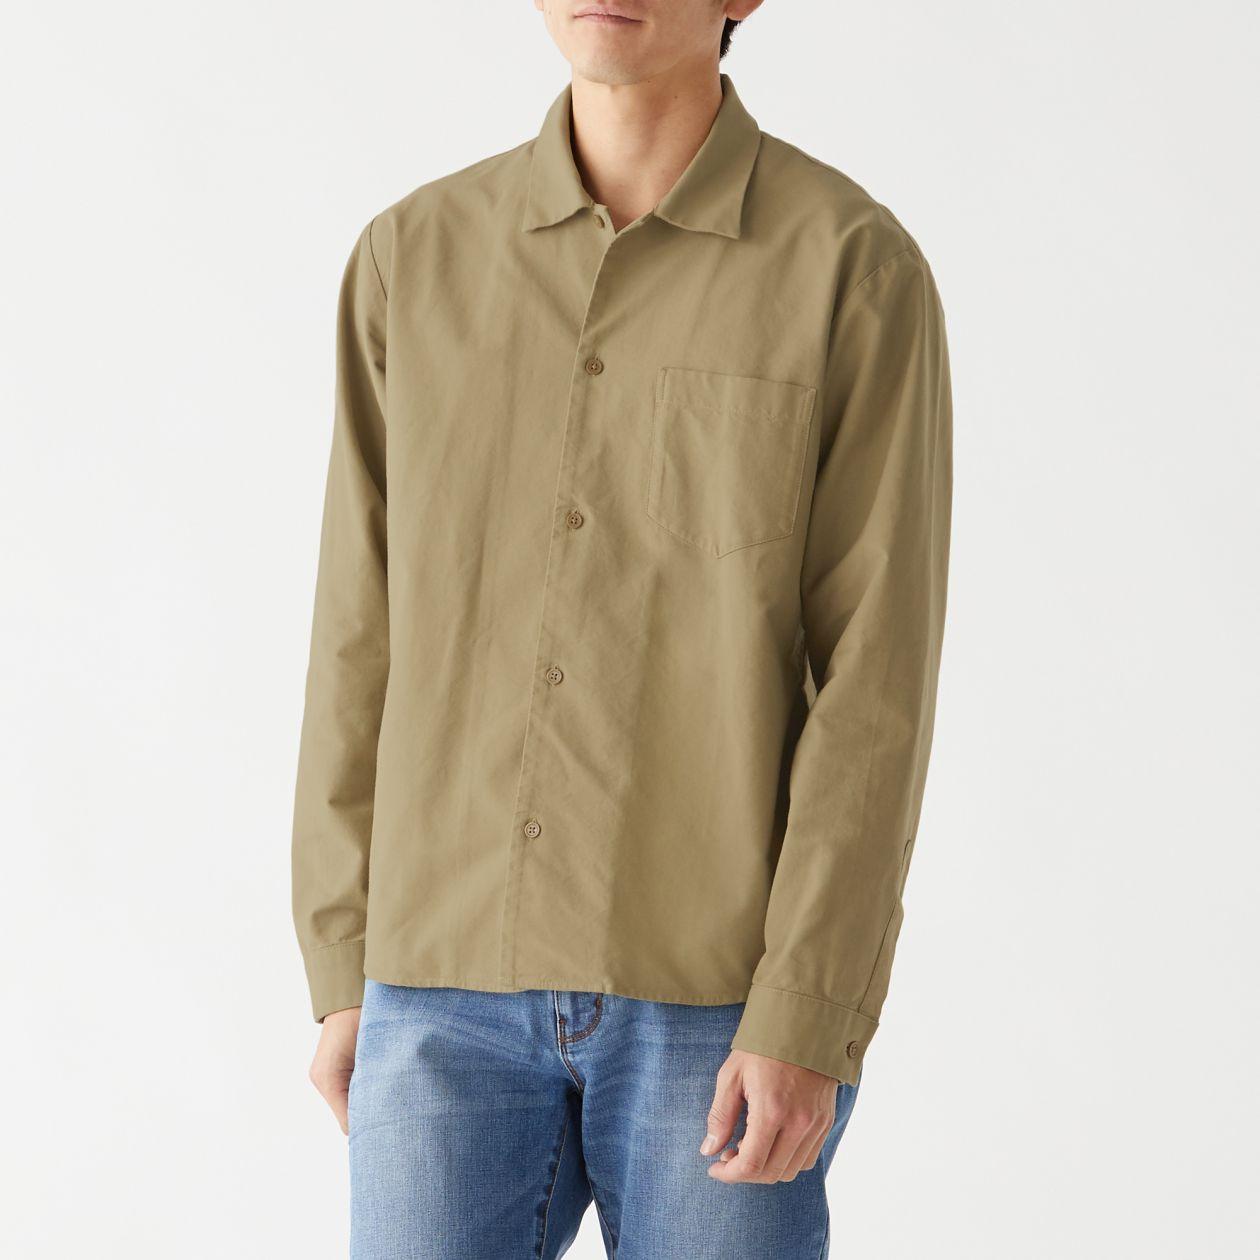 新疆綿オックススクエアカットシャツ